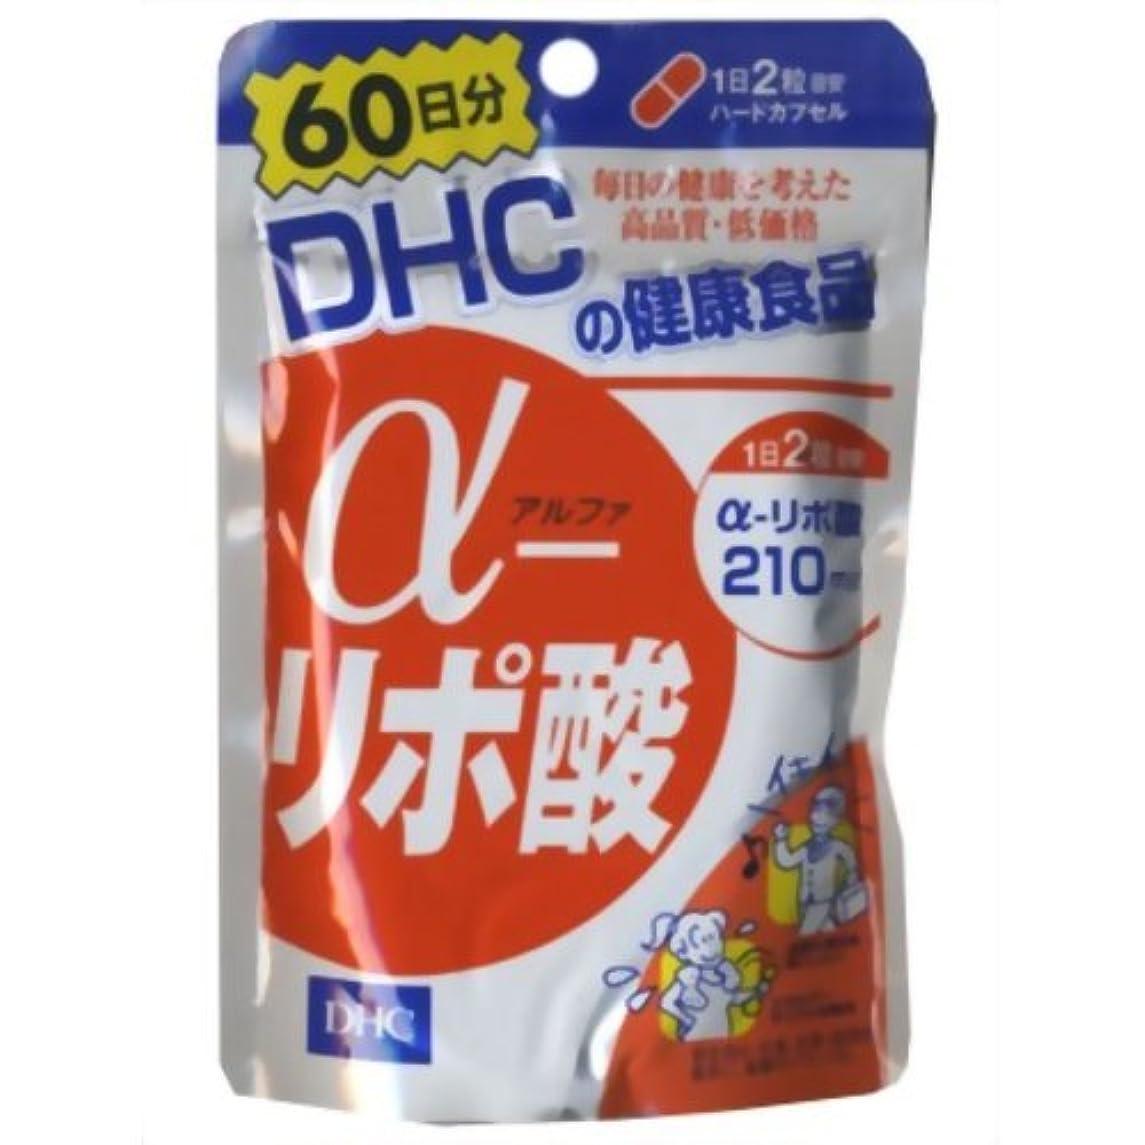 ハンサム森チューリップDHC 60日分α-リポ酸